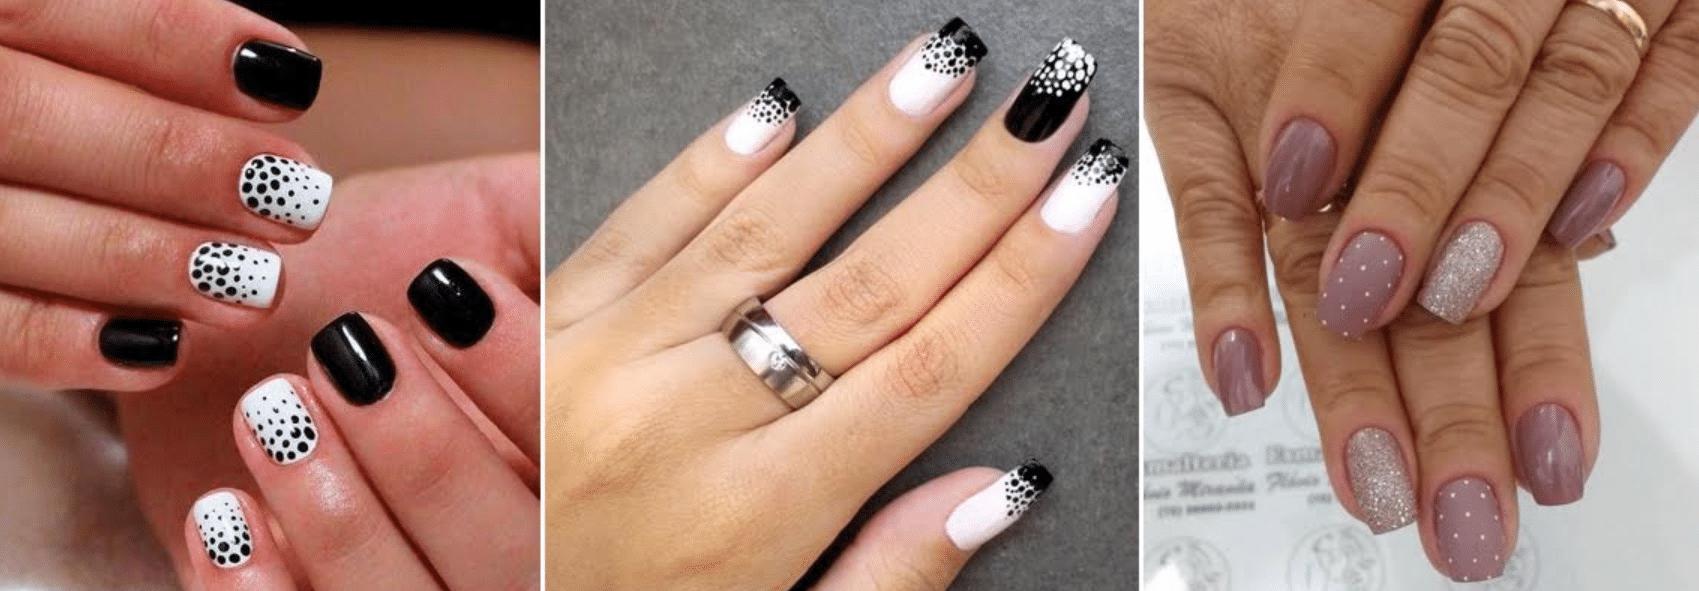 imagem de unhas pintadas com fundo branco ou preto e respingos de preto e branco